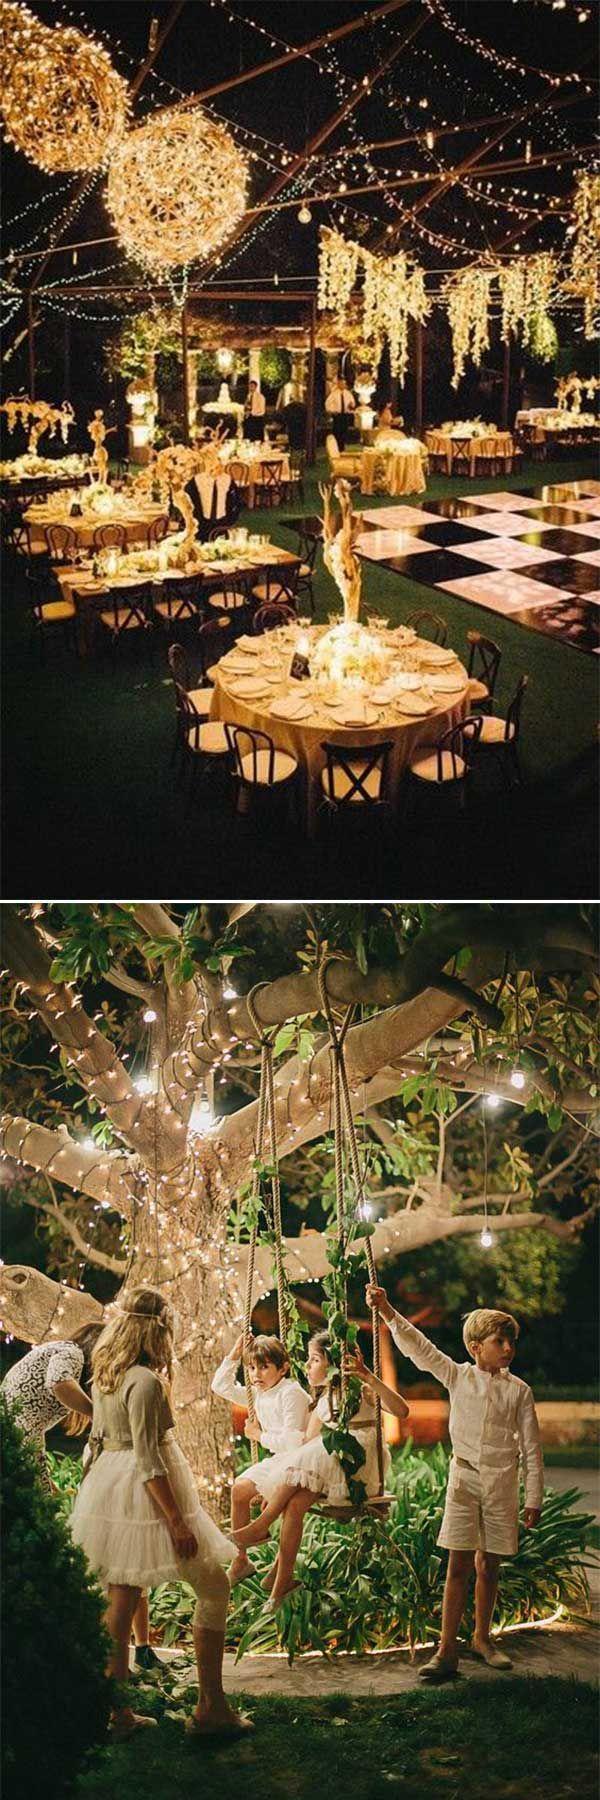 #Ausgezeichnete  #Einladungen  #Garden  #Hoc  #Hochzeitsideen  #mit  #secret  #Verträumte  #Garten iDeen  #Gartenideen  #home  #homedecor  #decoration ? #verträumte #Secret  35 ausgezeichnete verträumte Secret Garden Hochzeitsideen mit Einladungen - Hoc...